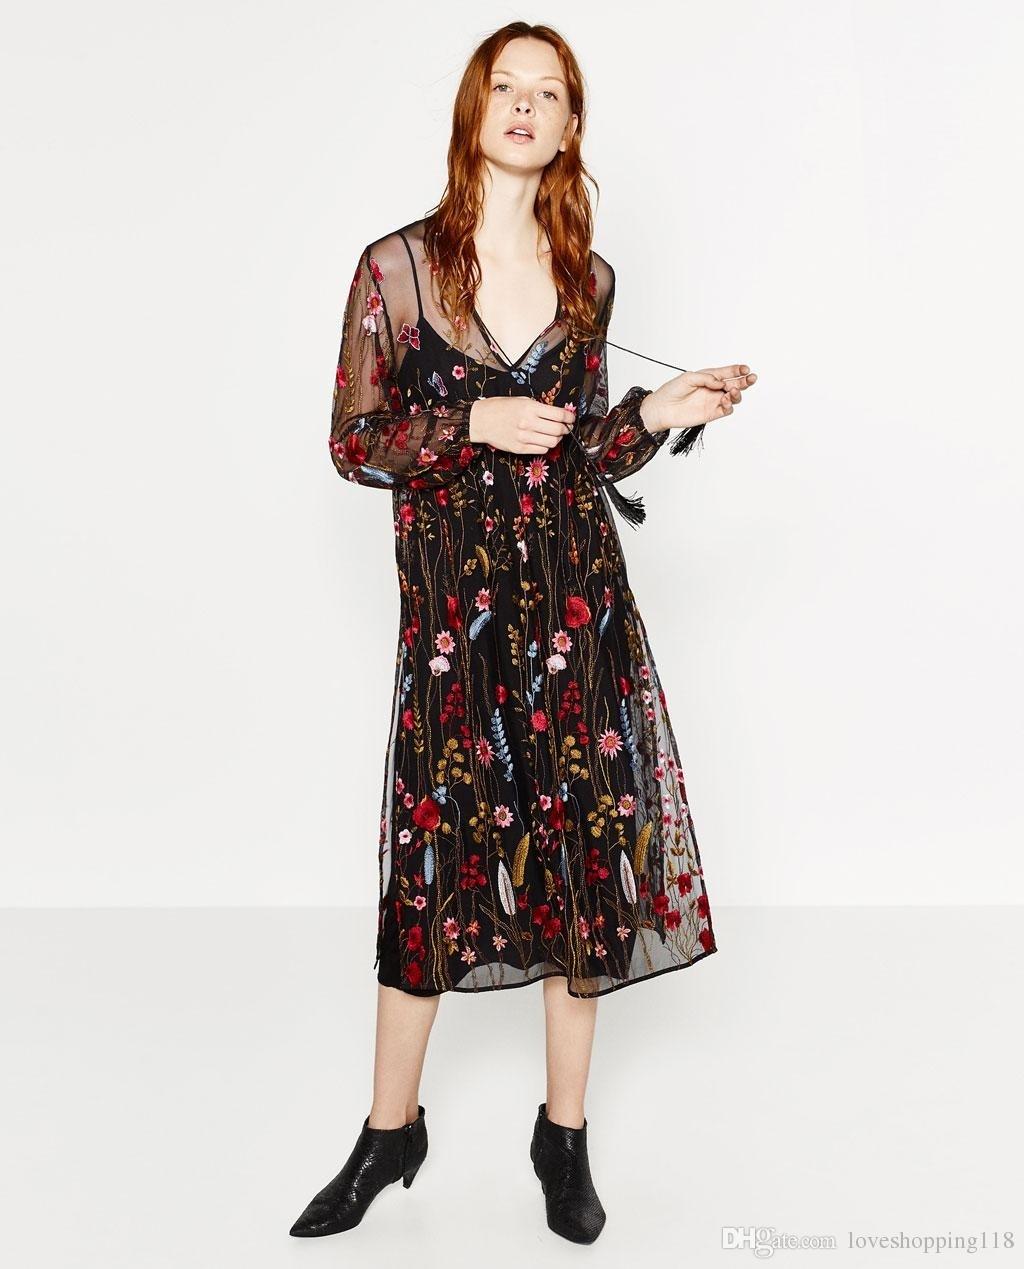 10 Fantastisch Schwarzes Kleid Mit Blumen Boutique Großartig Schwarzes Kleid Mit Blumen Design